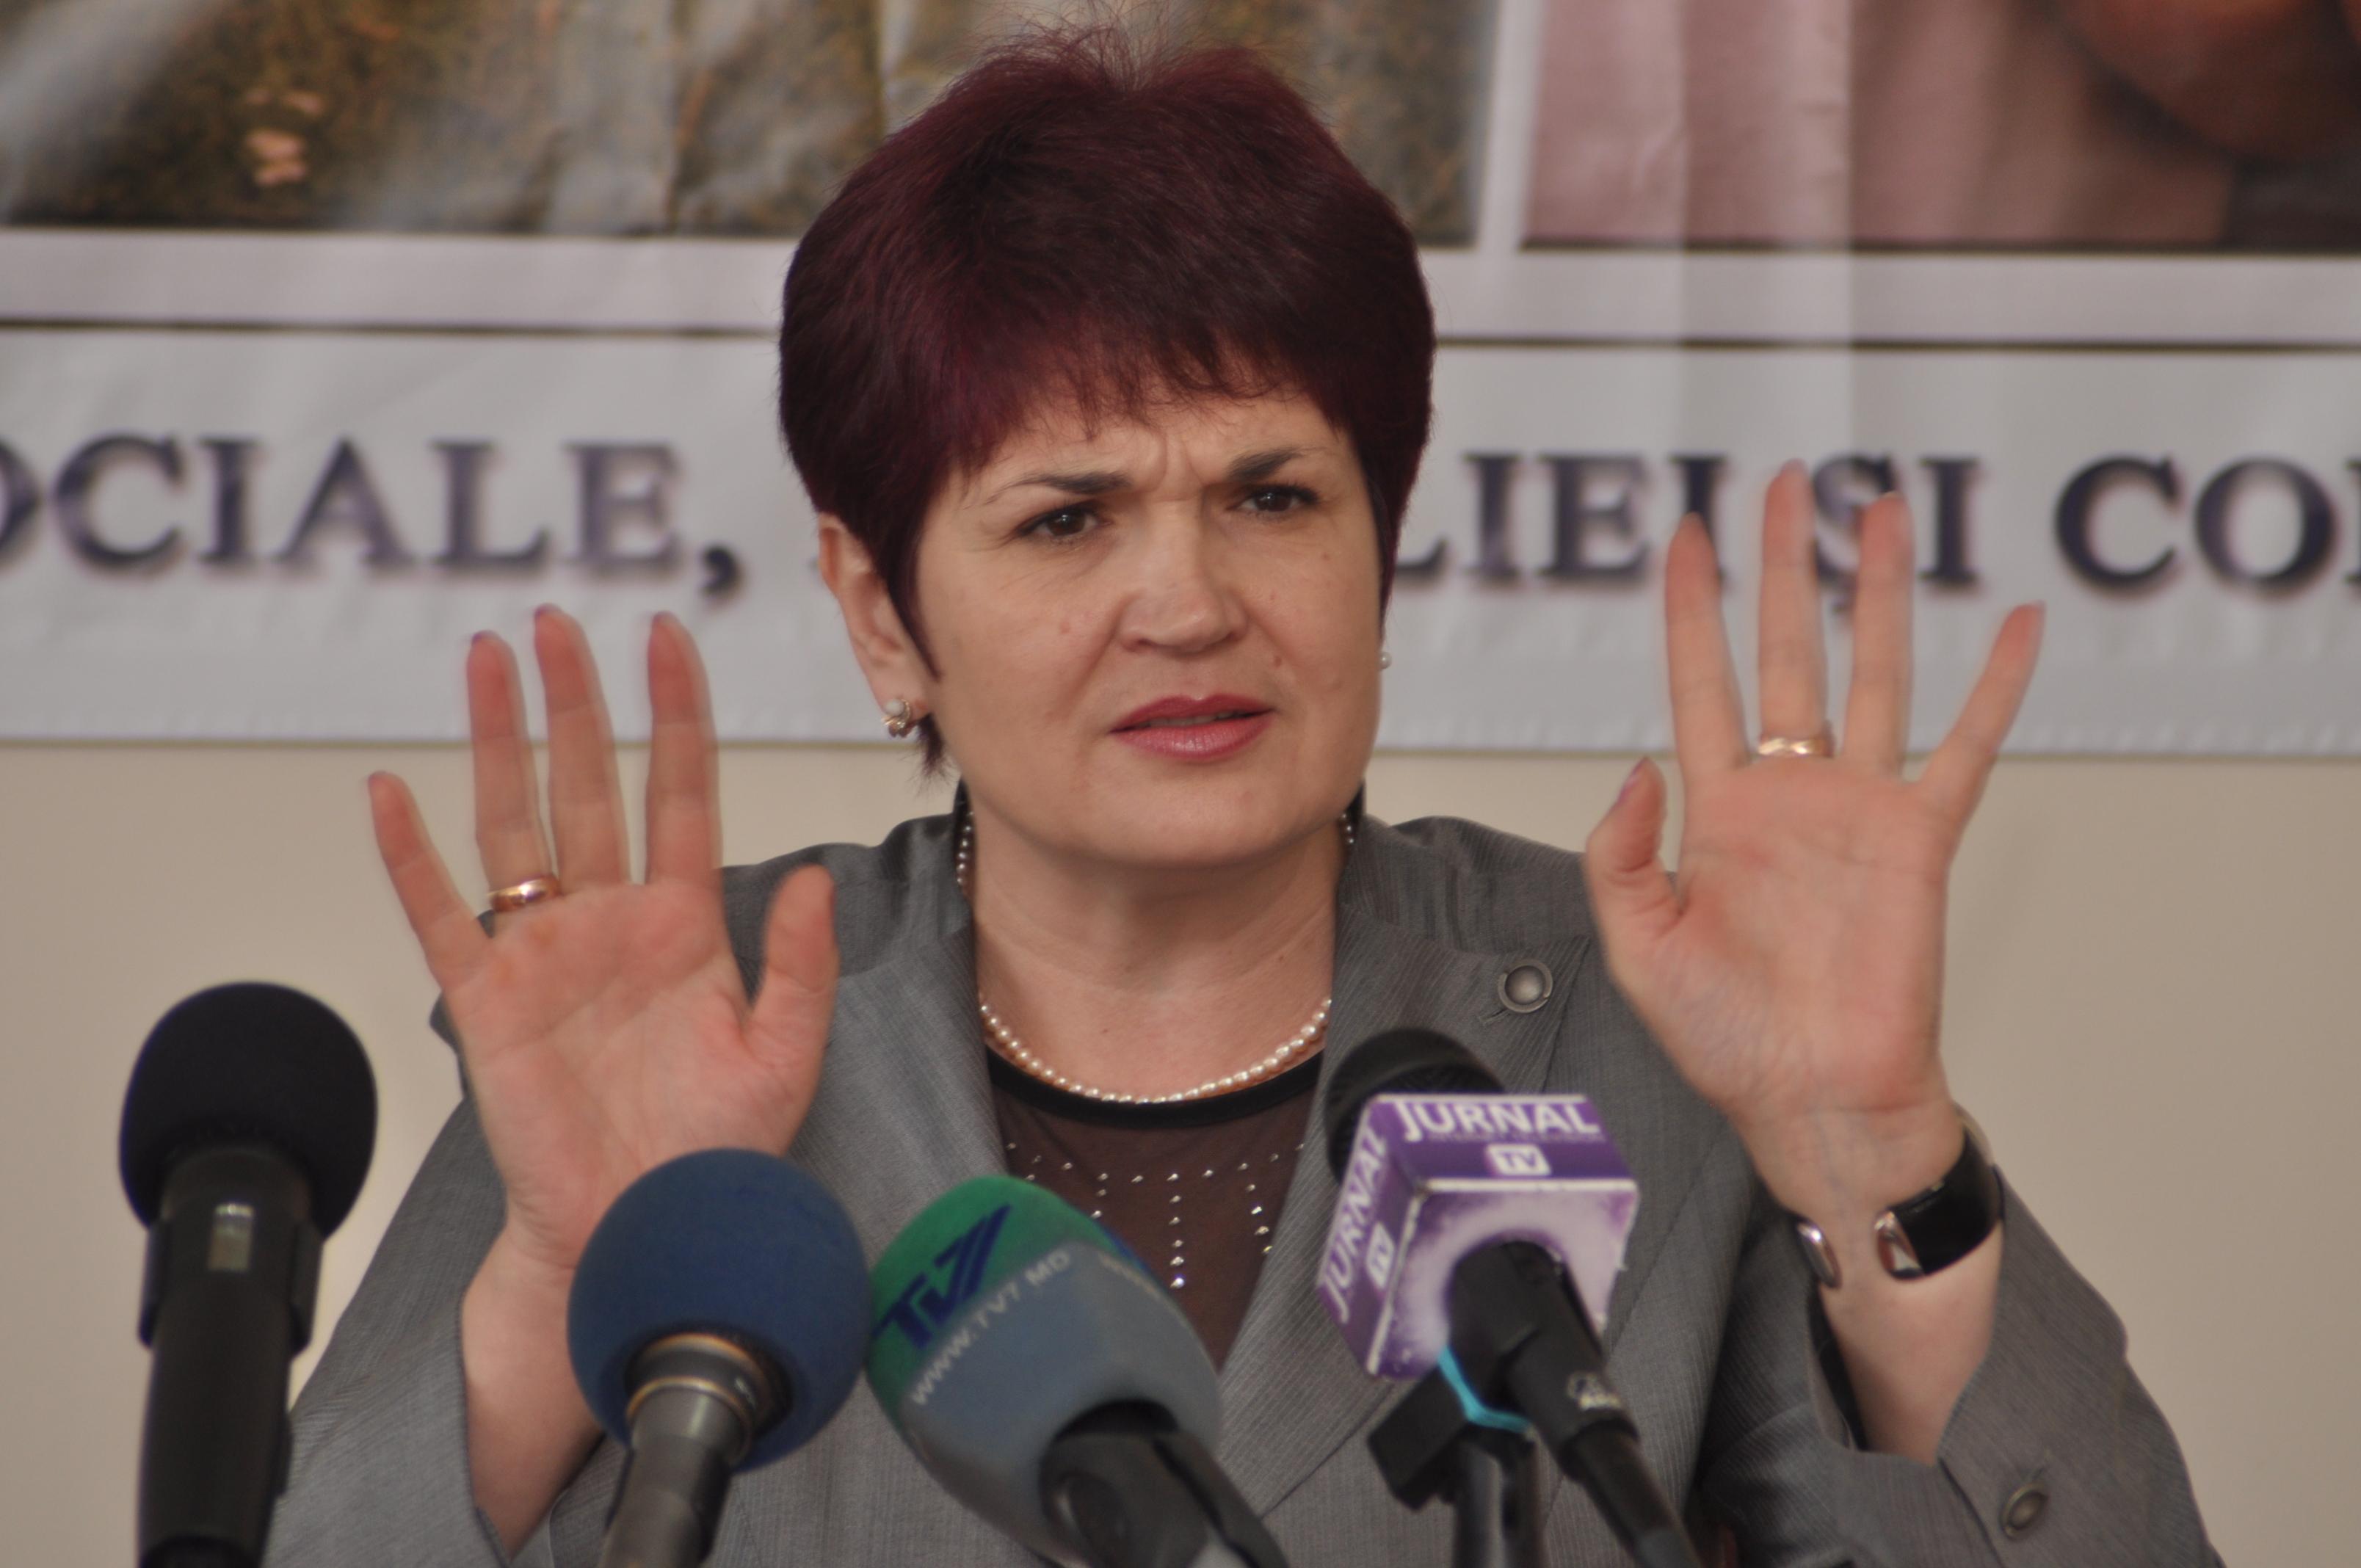 Односталко заставил Булигу признаться, что она выступает против перерасчета пенсий раз в два года (ВИДЕО)